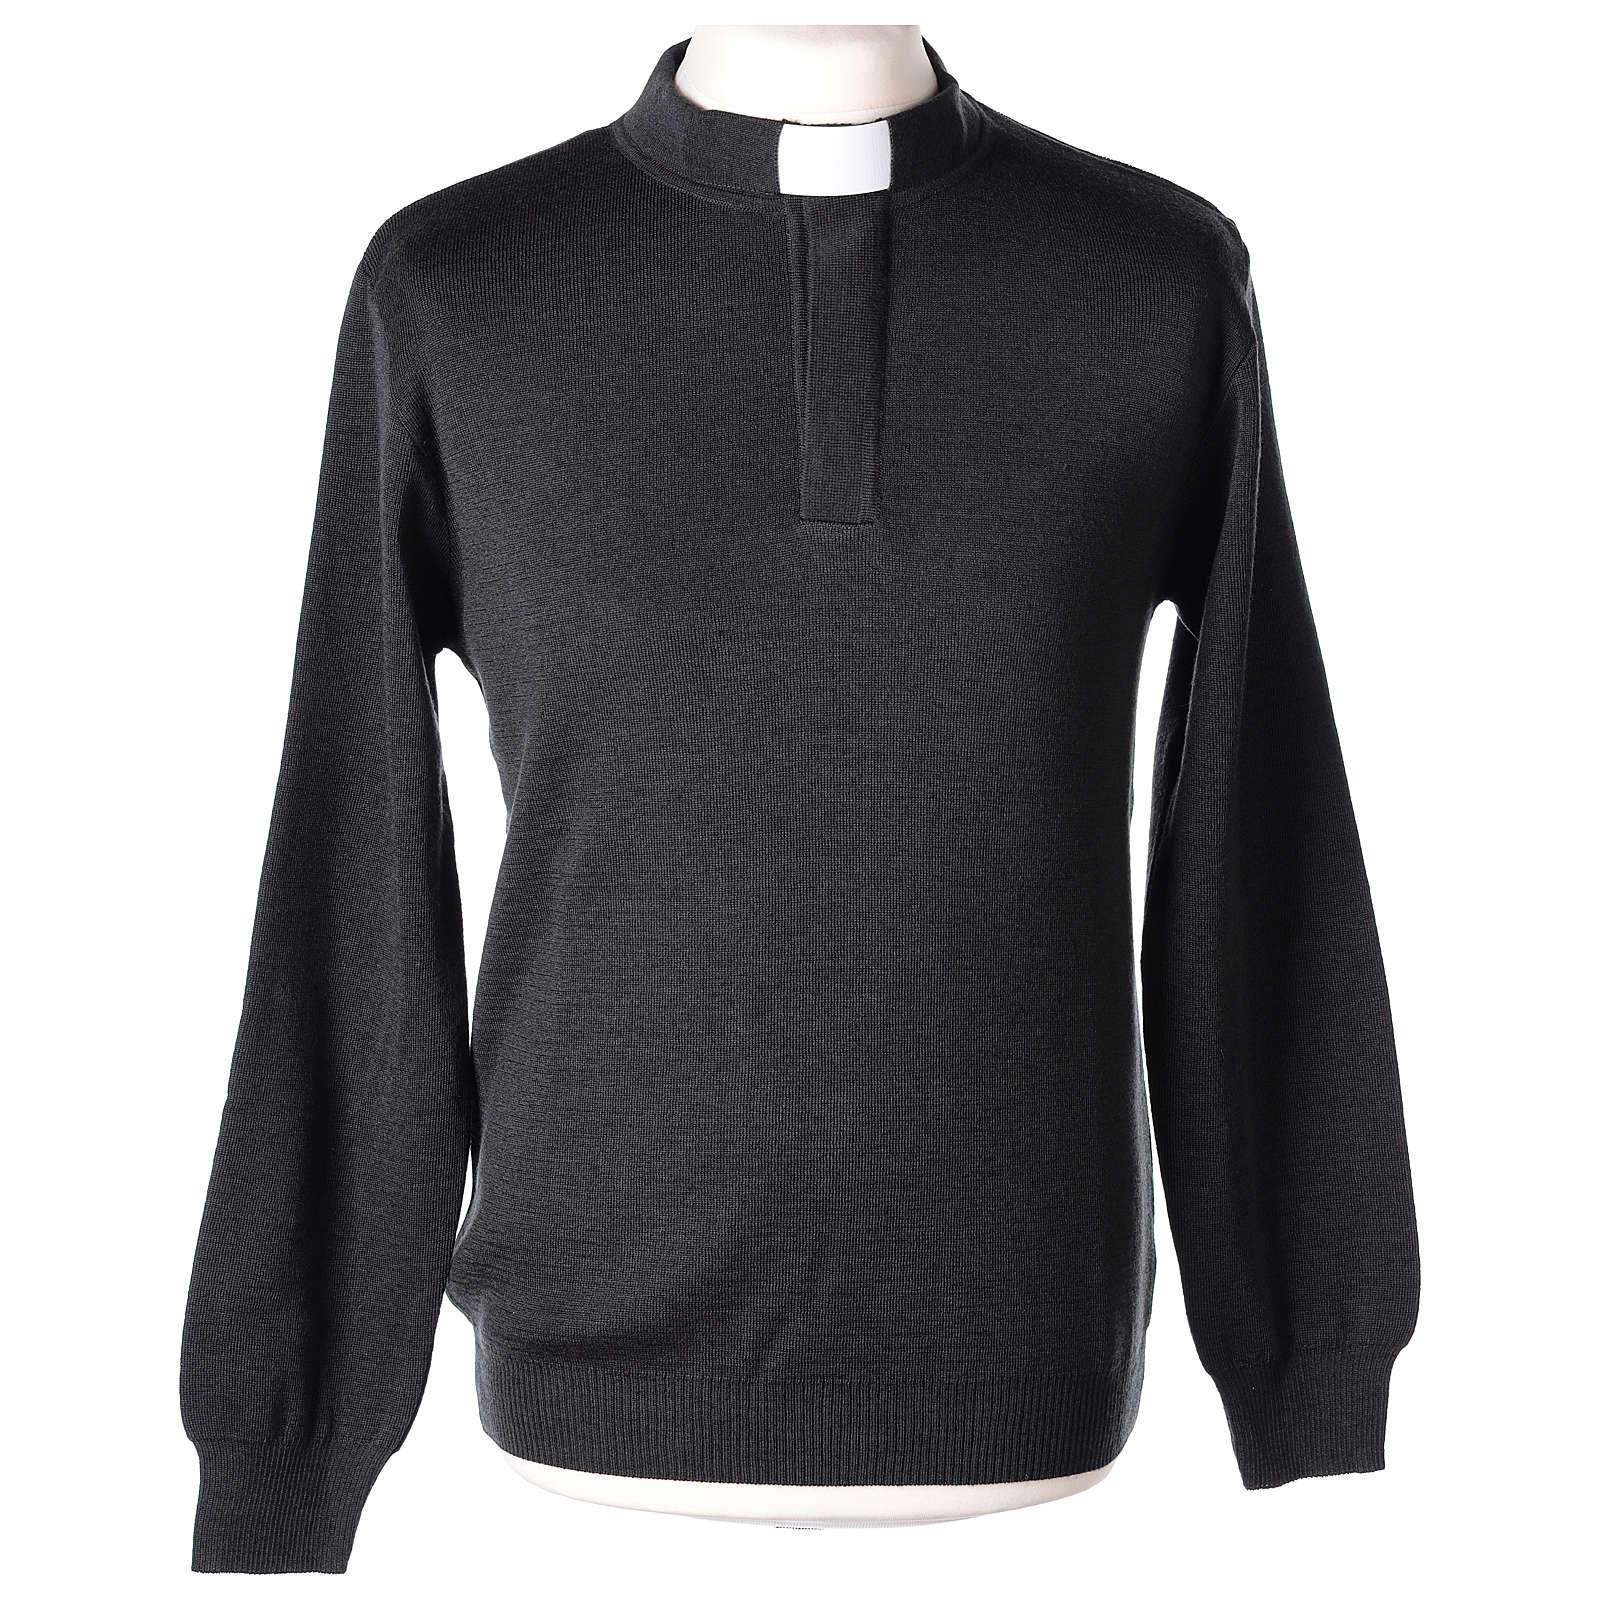 Maglioncino 50% merino 50% acrilico collo clergy antracite In Primis 4